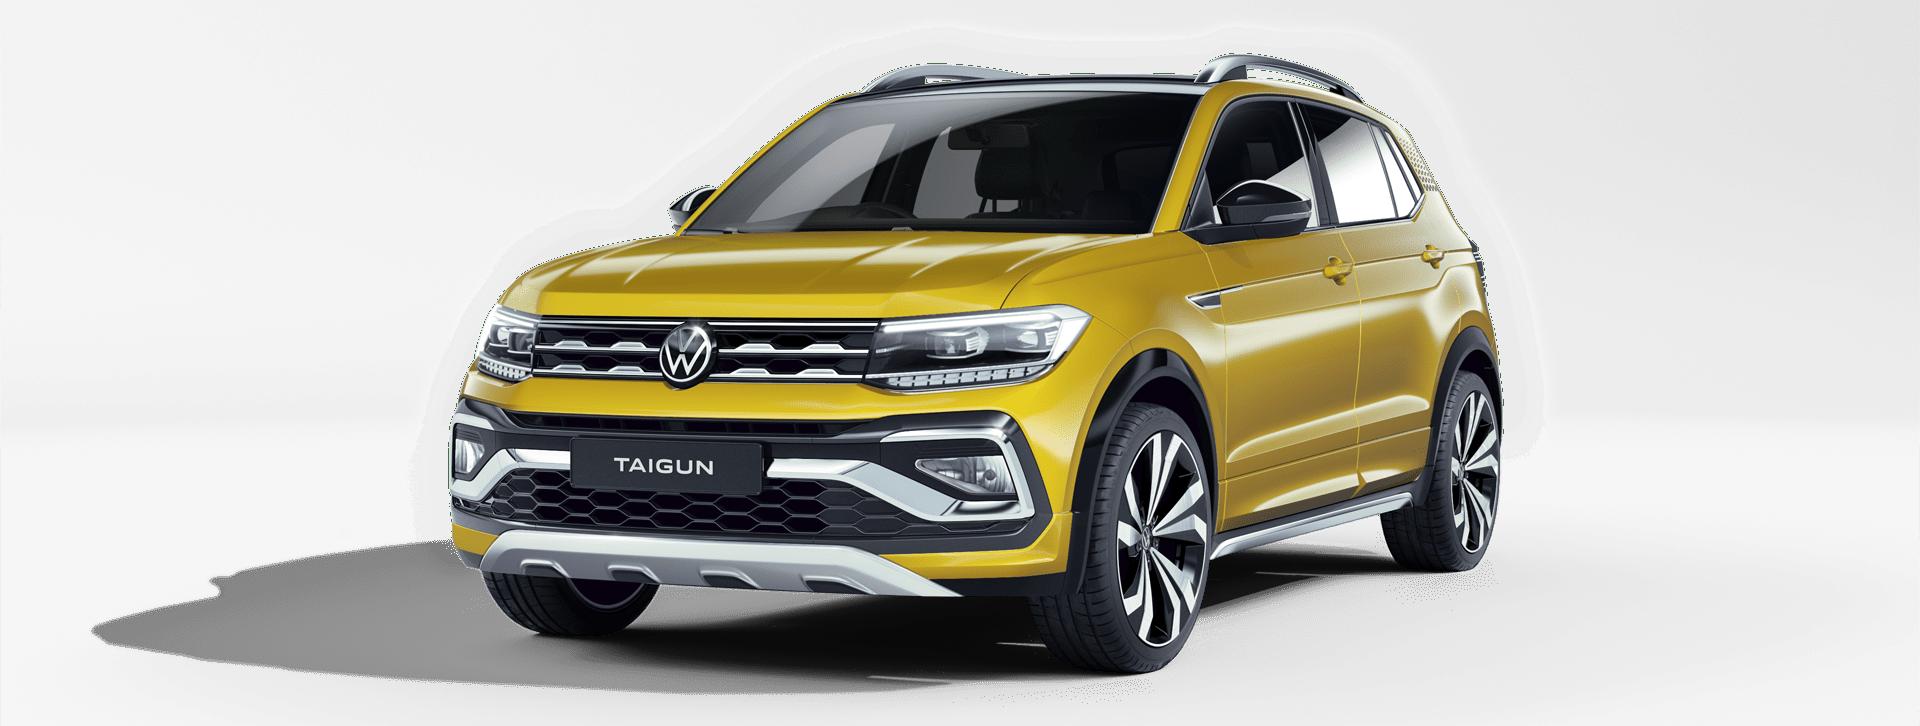 Volkswagen Models 2021 | New Cars | Volkswagen India